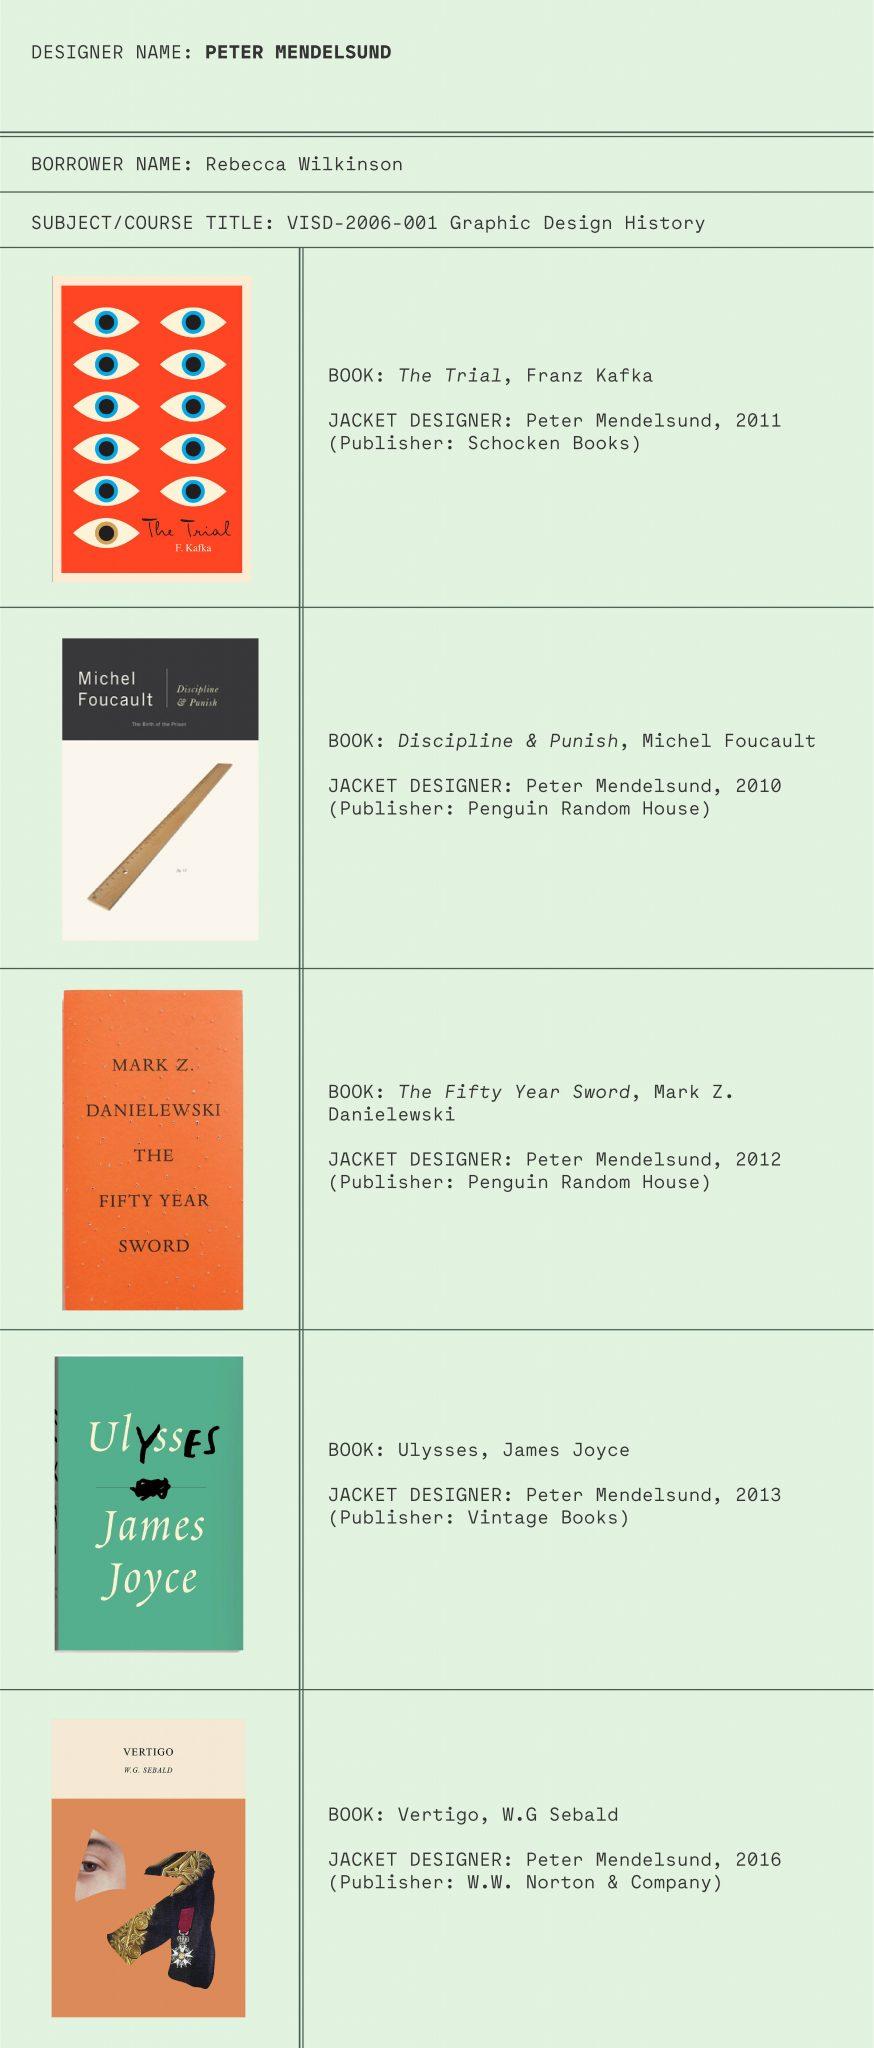 Peter Mendelsund Book Covers